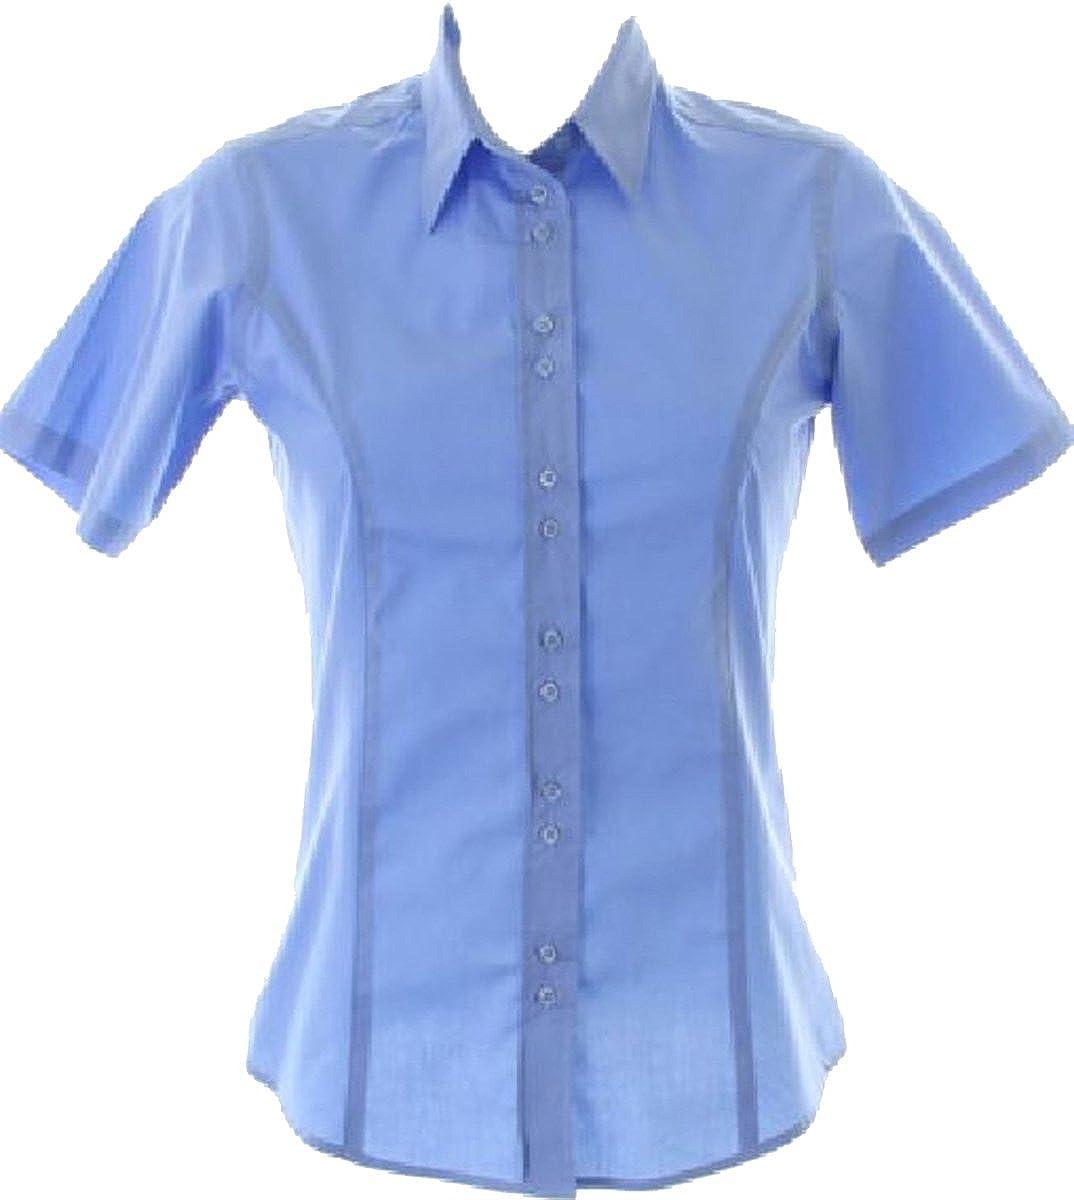 Kustom Kit Women's business blouse short sleeve